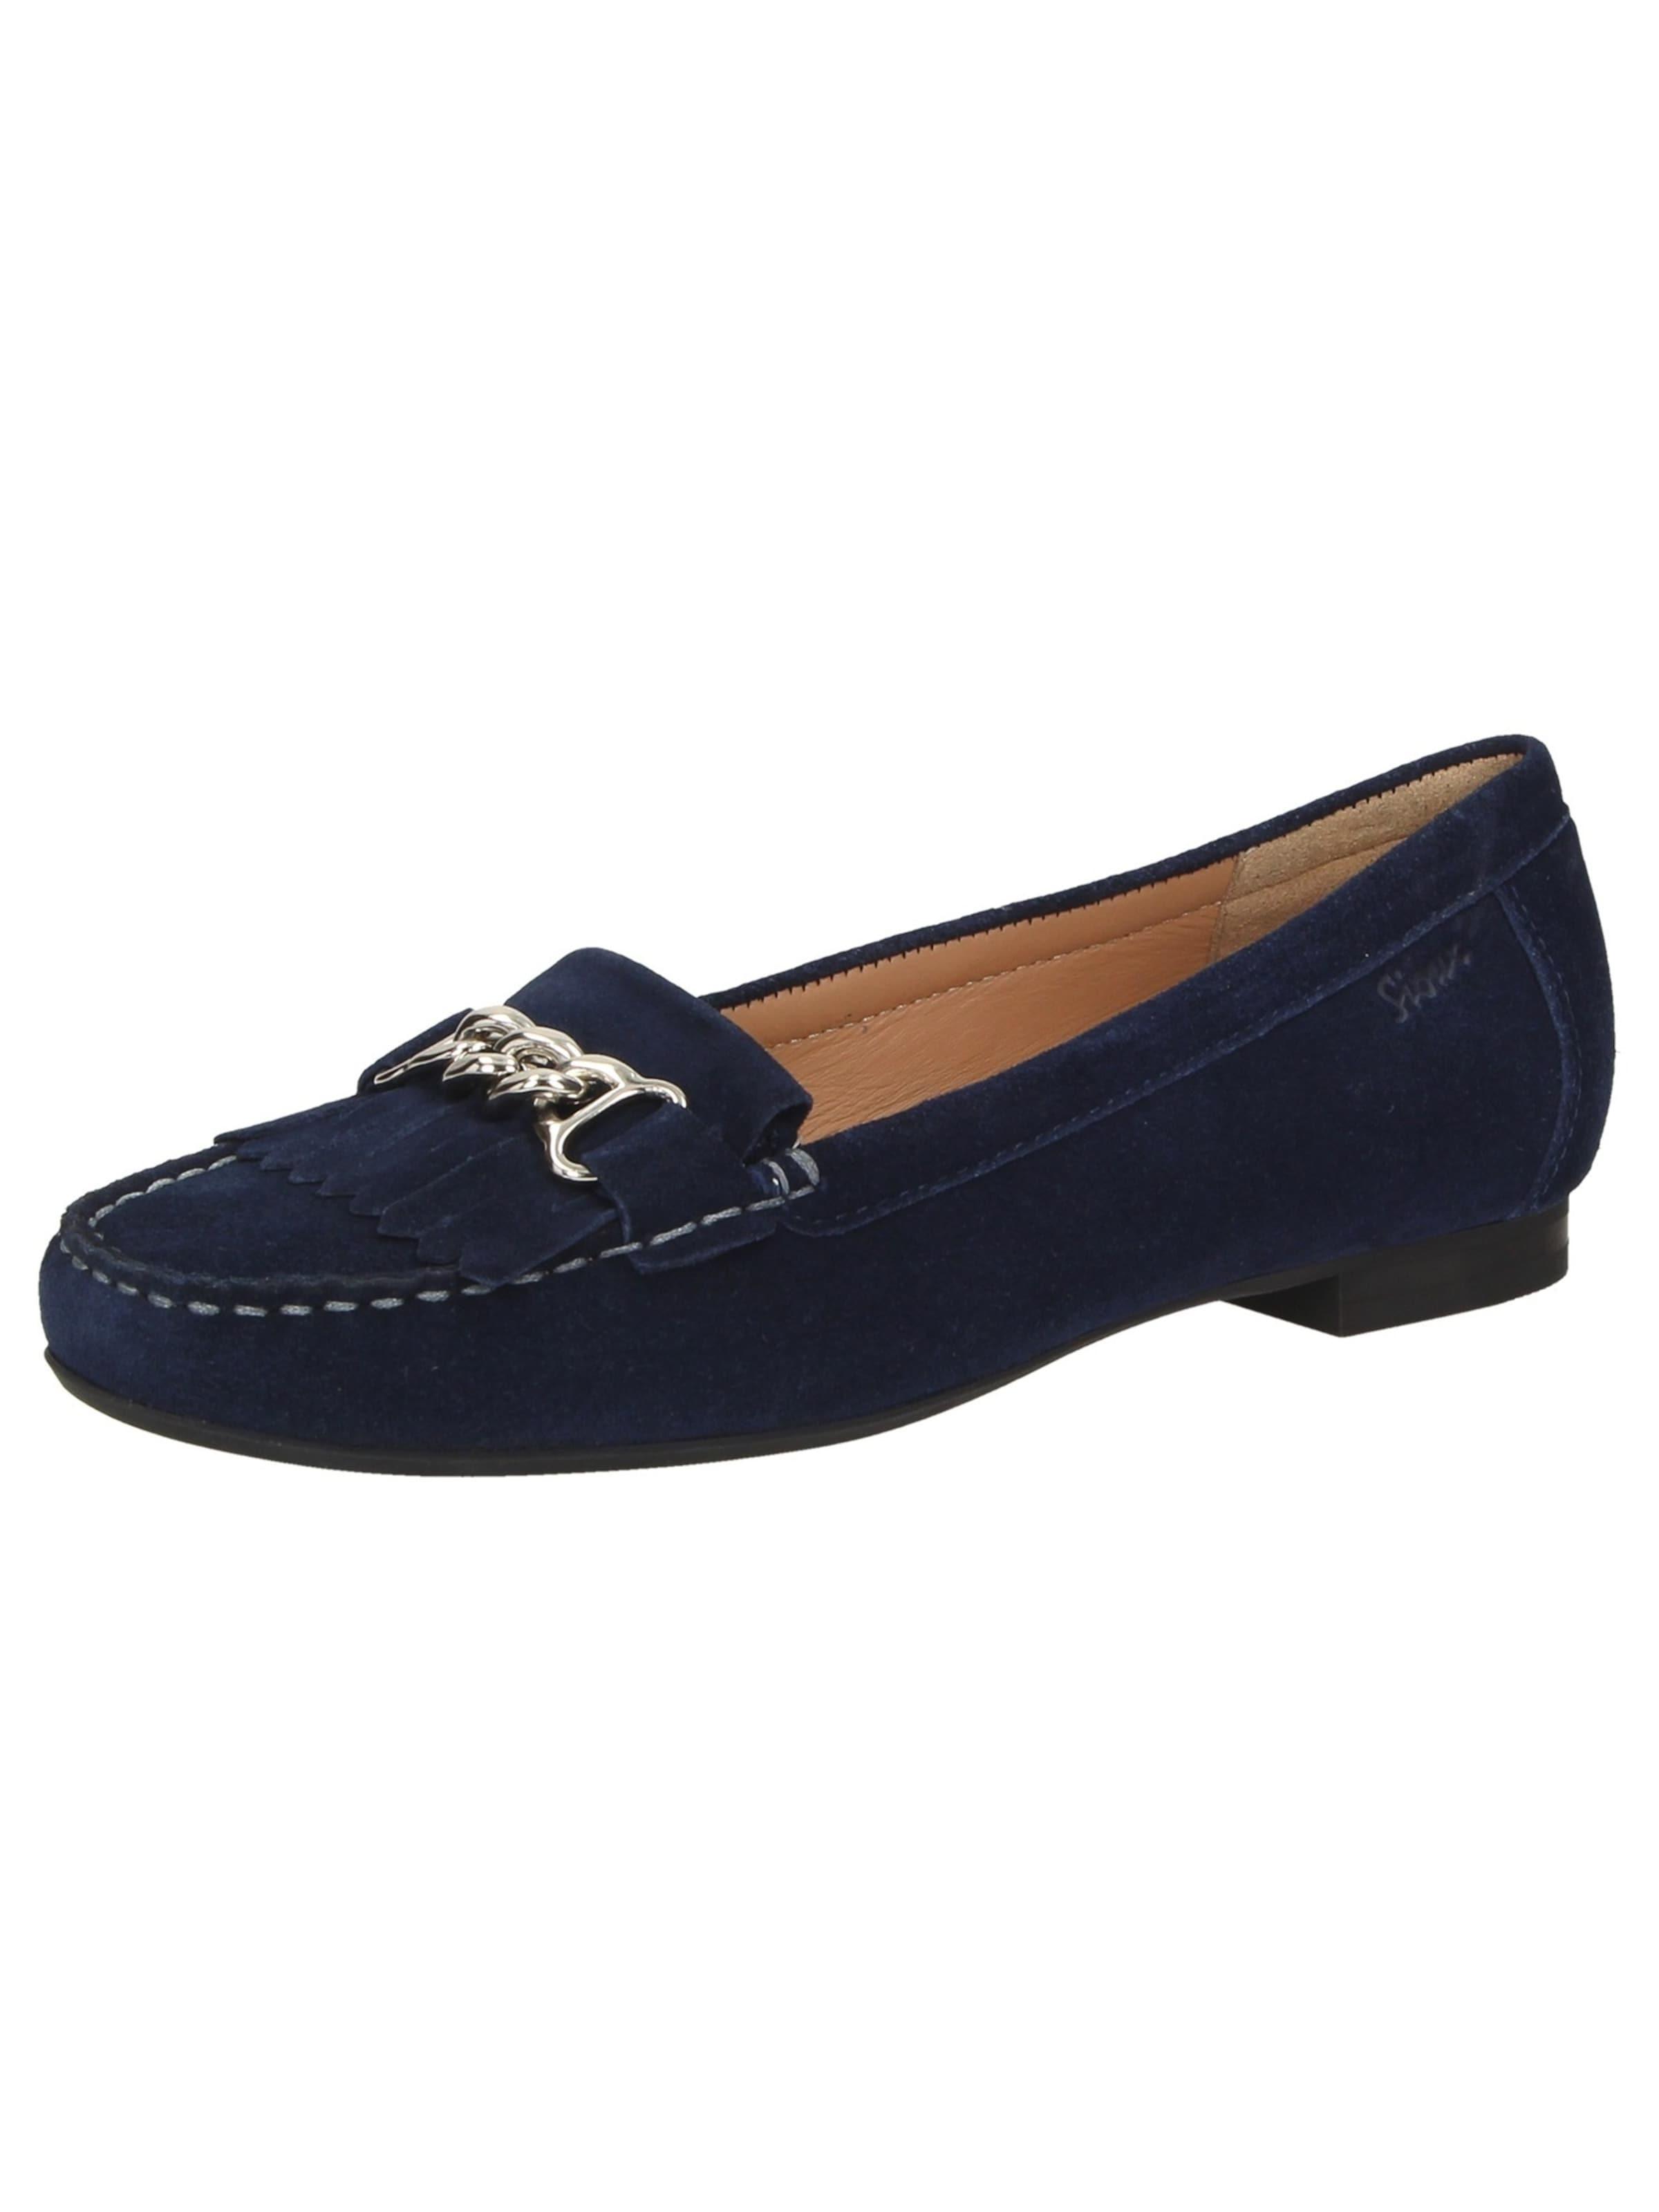 SIOUX Slipper Zibby Verschleißfeste billige Schuhe